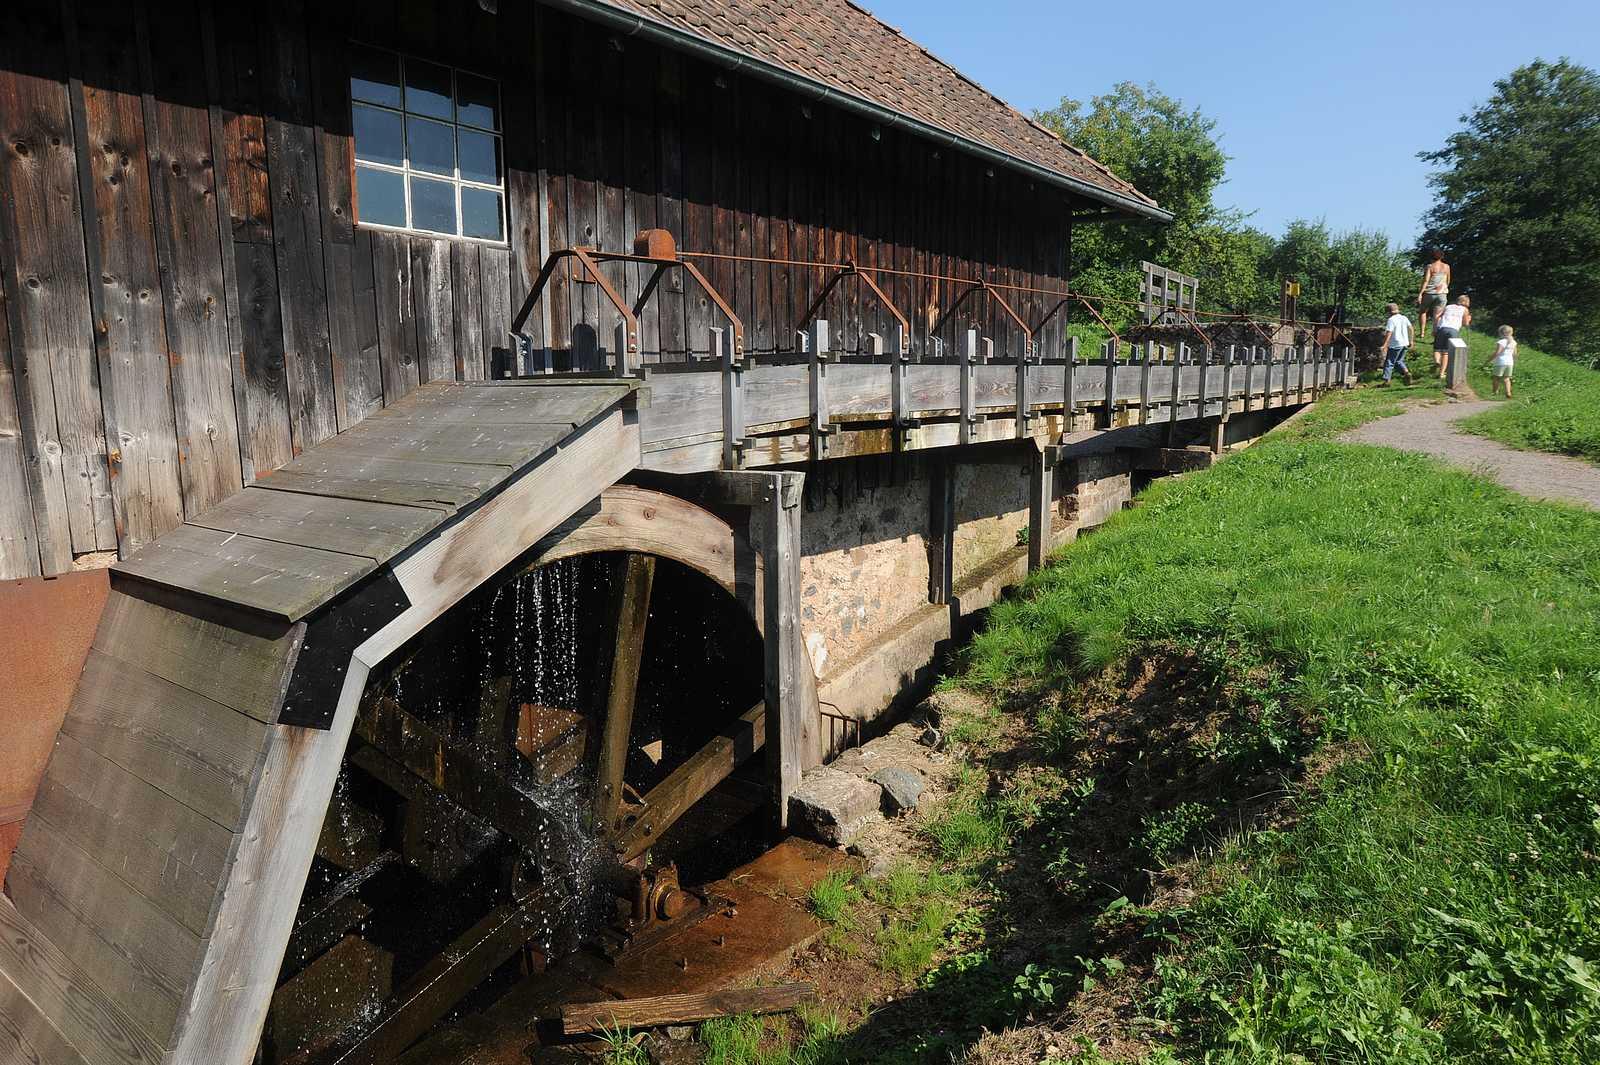 The Haut-Fer sawmill